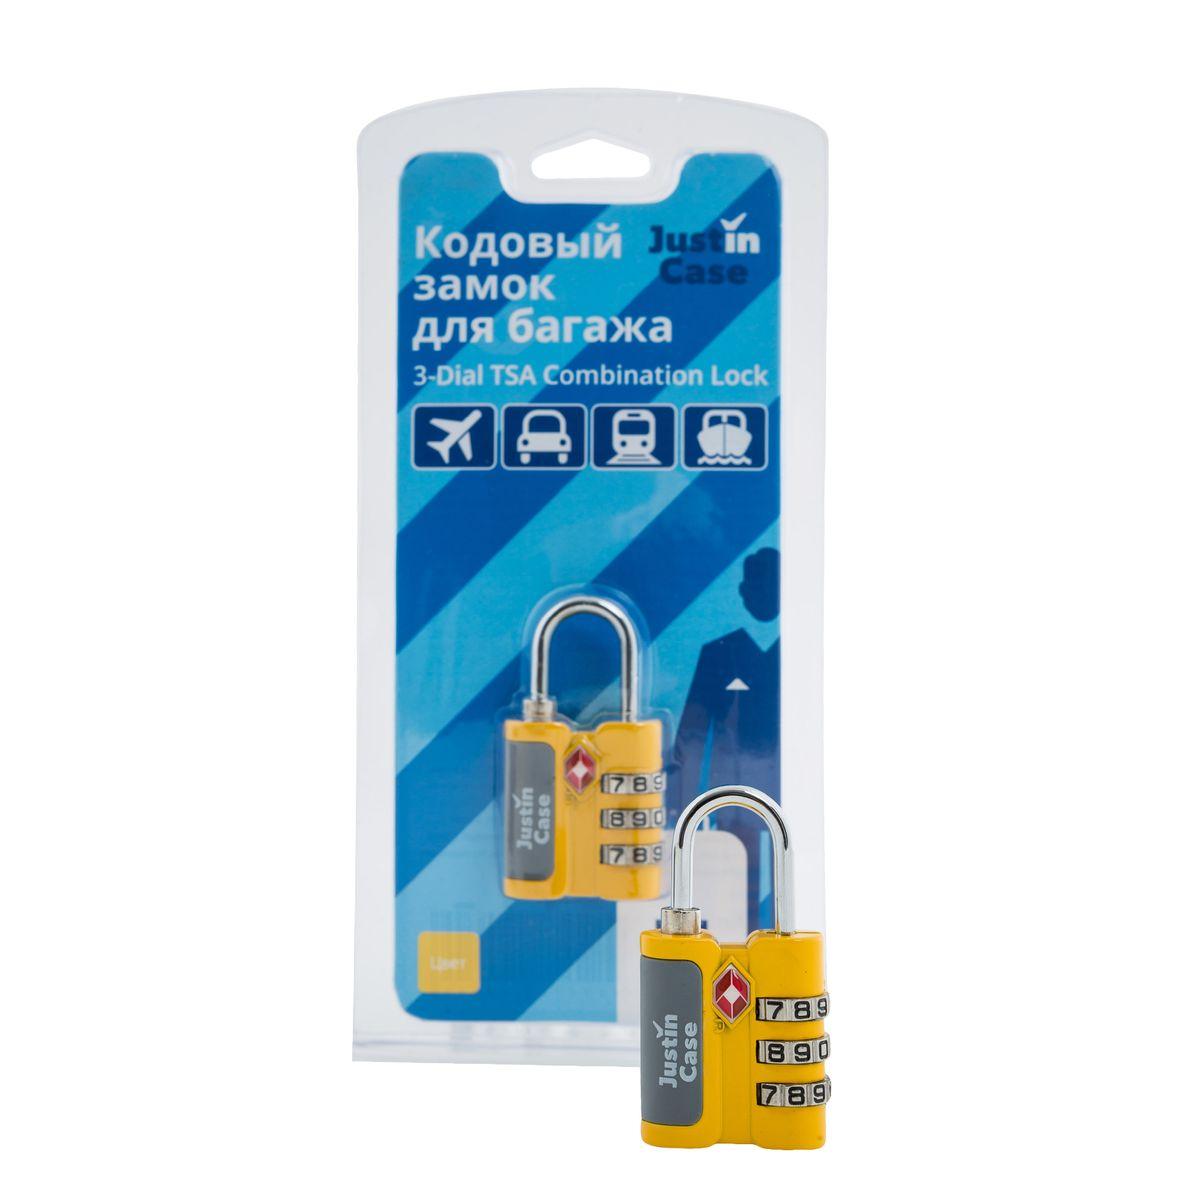 Замок для багажа JustinCase 3-Dial TSA Combination Lock, цвет: желтыйA5105YЕще один вариант защиты багажа - компактный кодовый багажный замок. Кодовый замок JustinCase 3-Dial TSA Combination Lock отличается от обычного тем, что вы можете установить собственную, известную только вам комбинацию цифр, без которой кодовый замок для багажа просто не откроется. Замок этот очень прочен - изготовлен из цинкового сплава. Если в вашем багаже есть хоть одна ценная вещь, такой замок позволит вам спокойно сдавать чемоданы и сумки багажным службам.